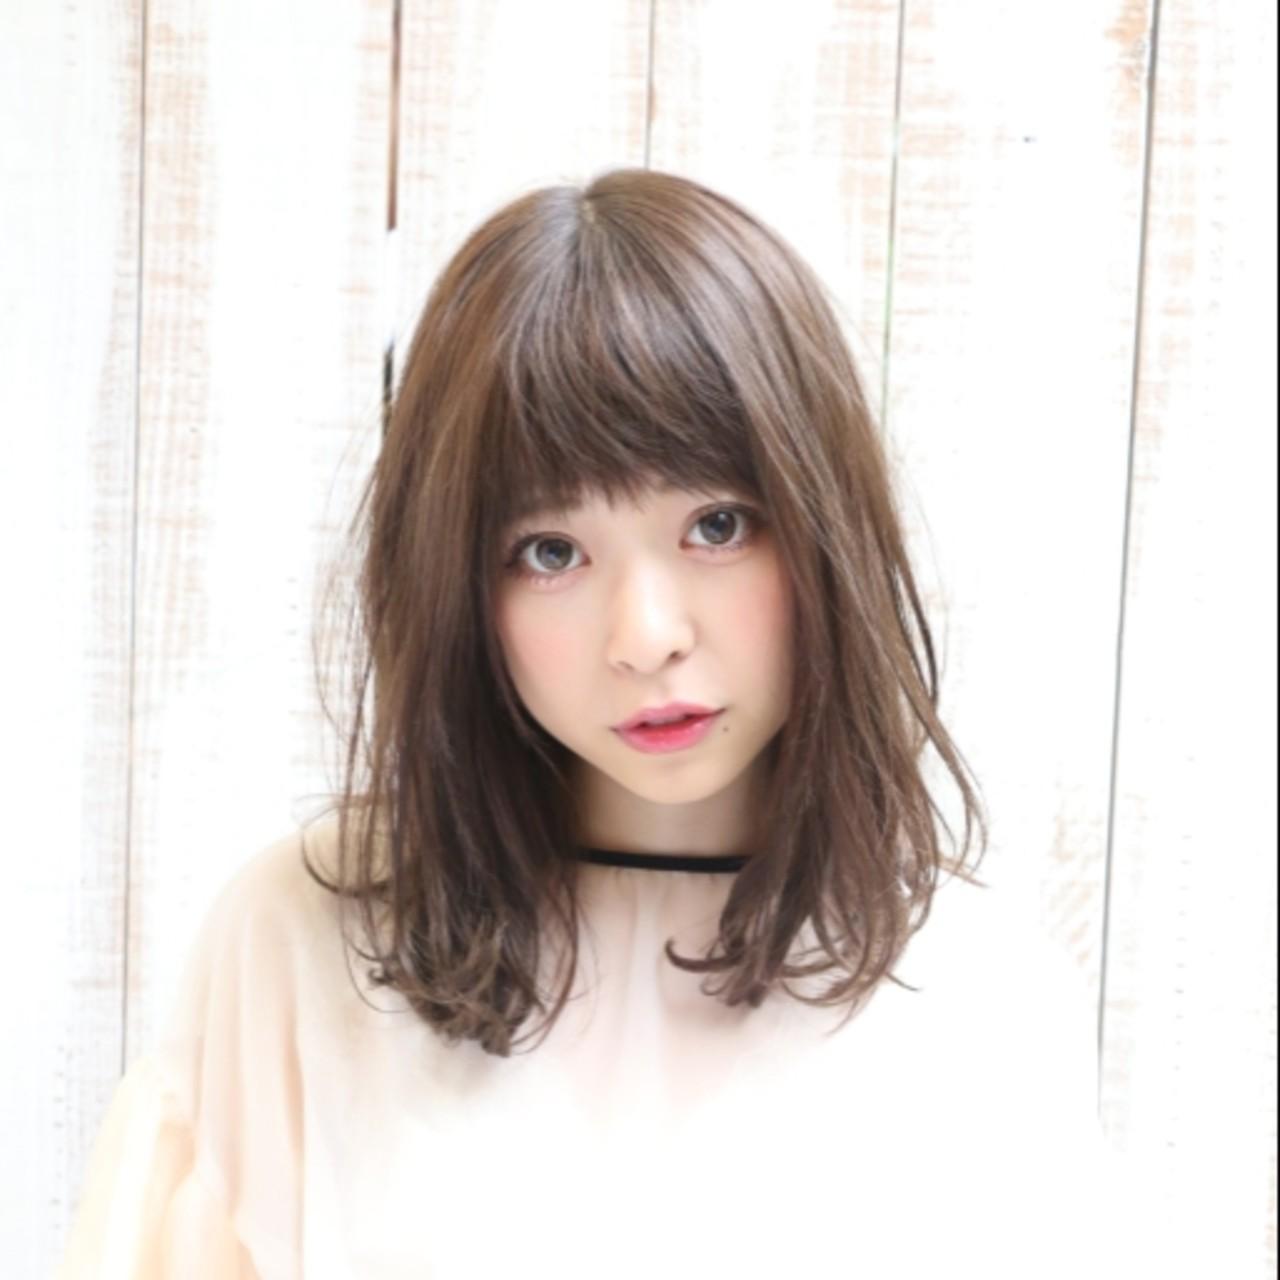 パーマ デート 秋 ガーリー ヘアスタイルや髪型の写真・画像 | mazele hair/須原和也 / mazele hair